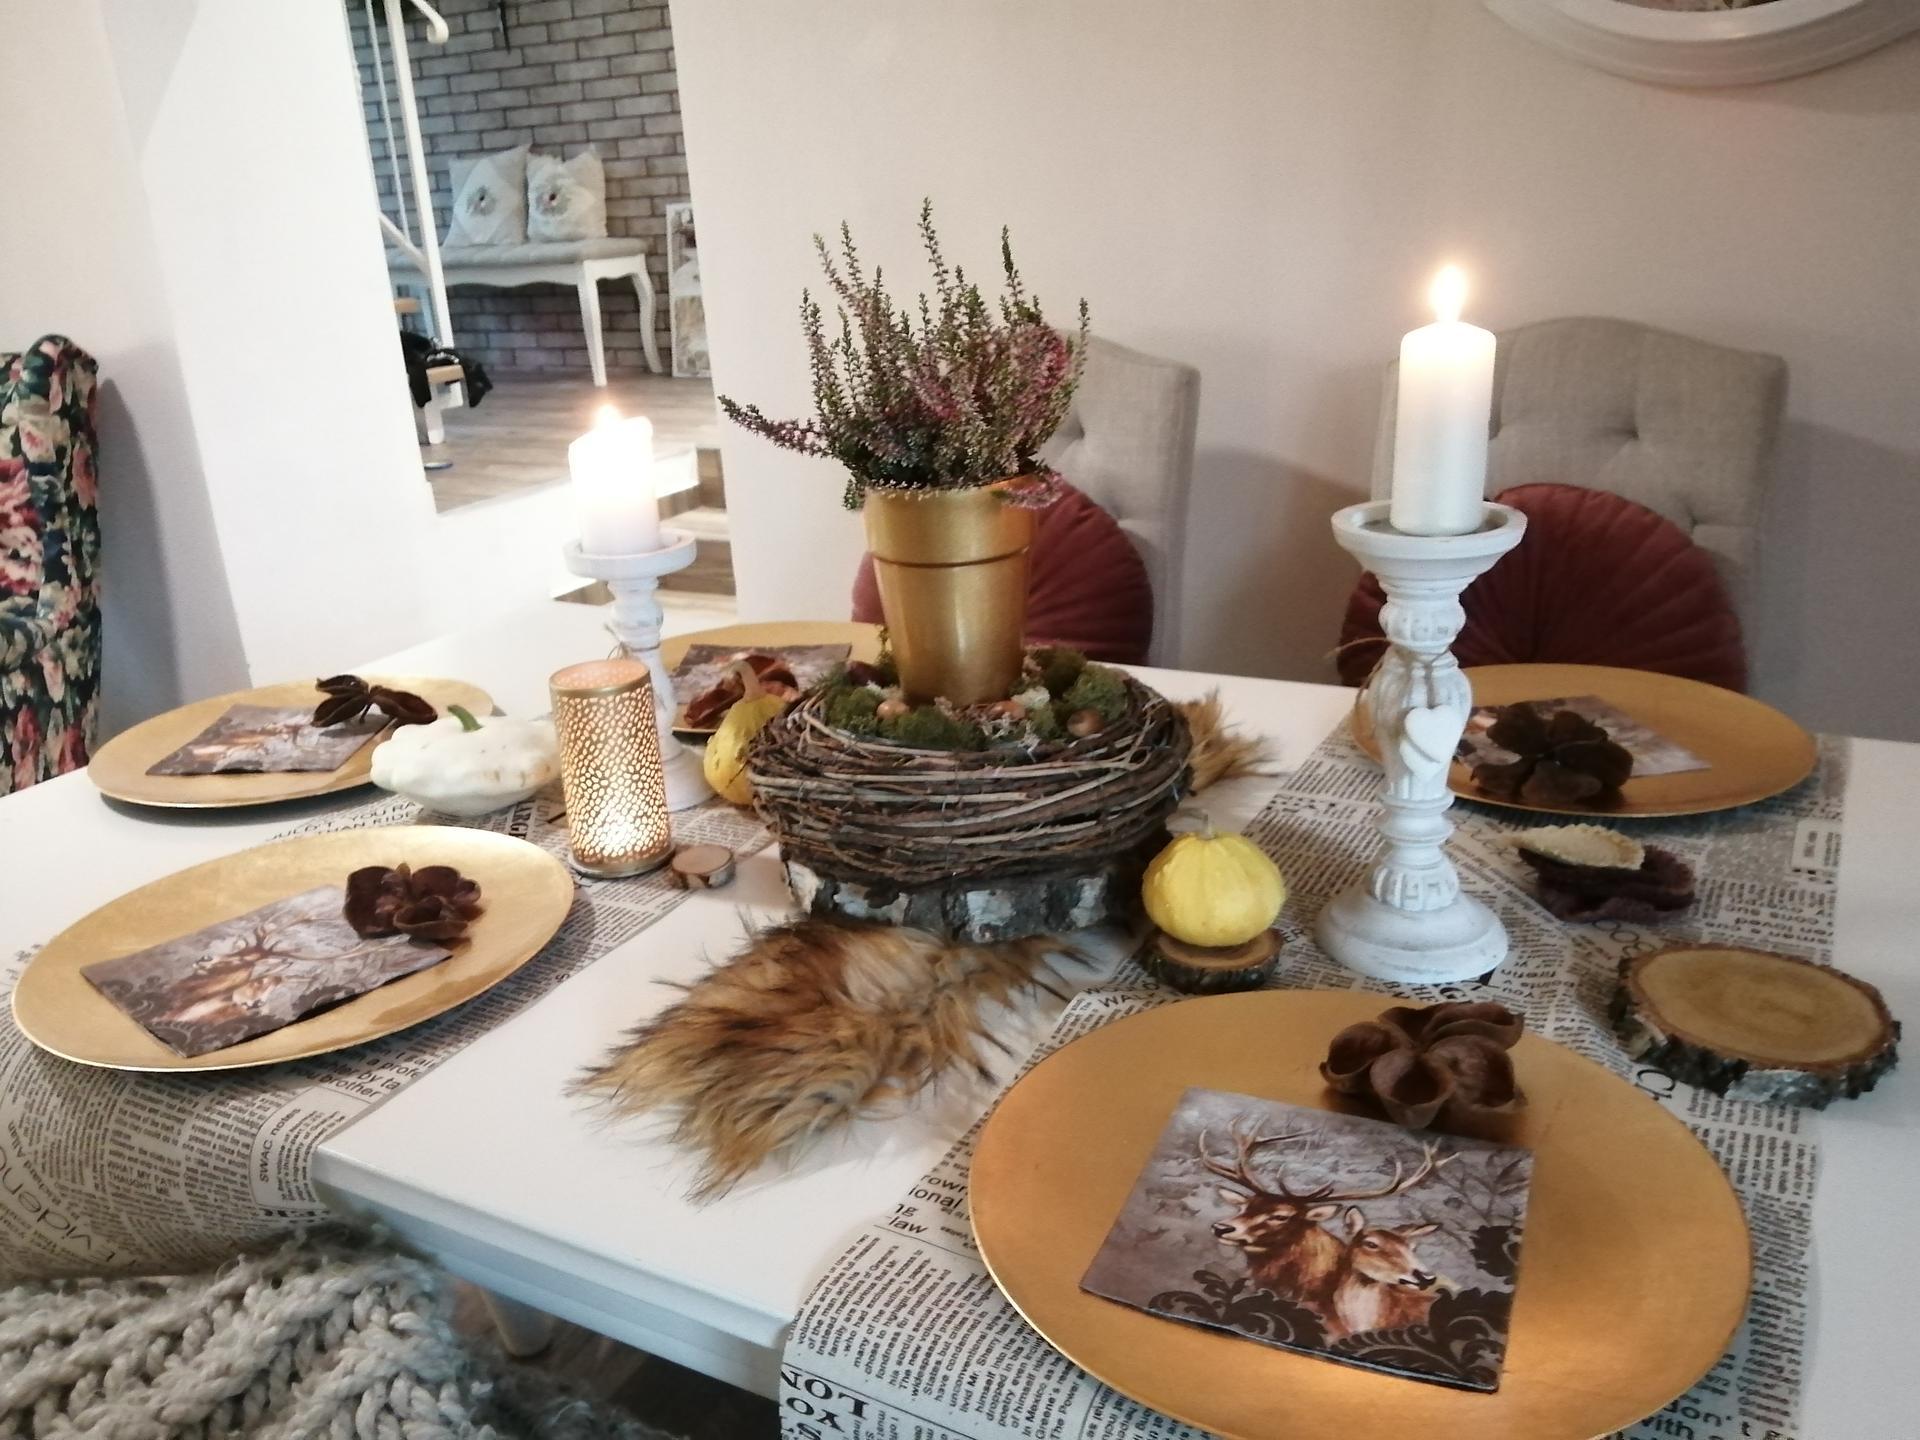 Naša jedáleň 🍂 - Obrázok č. 2